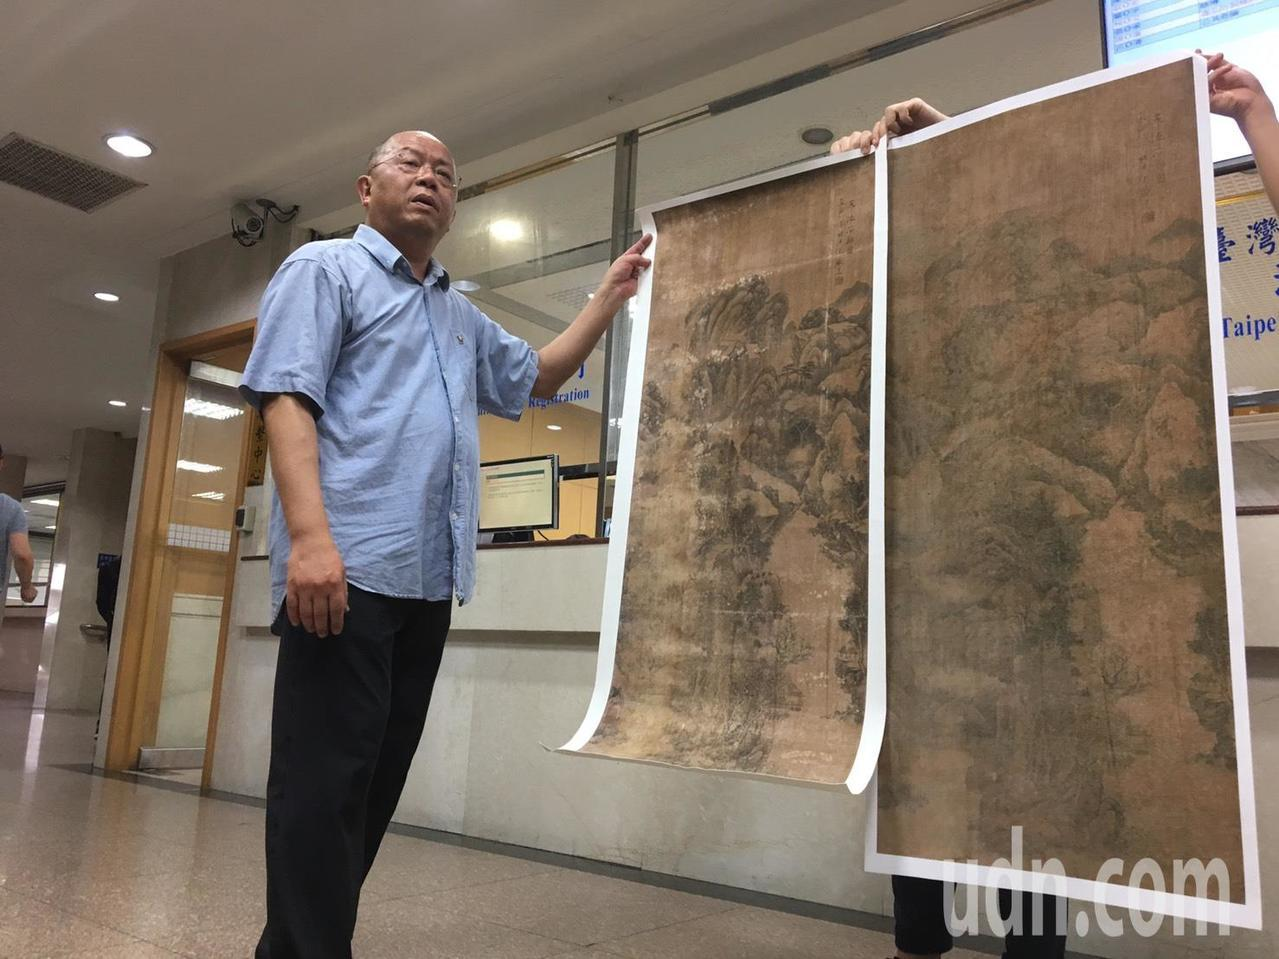 方則揚今天帶畫作掃描圖出庭,指出裱褙前畫作(左)明顯和裱褙後(右)不同。記者林孟...